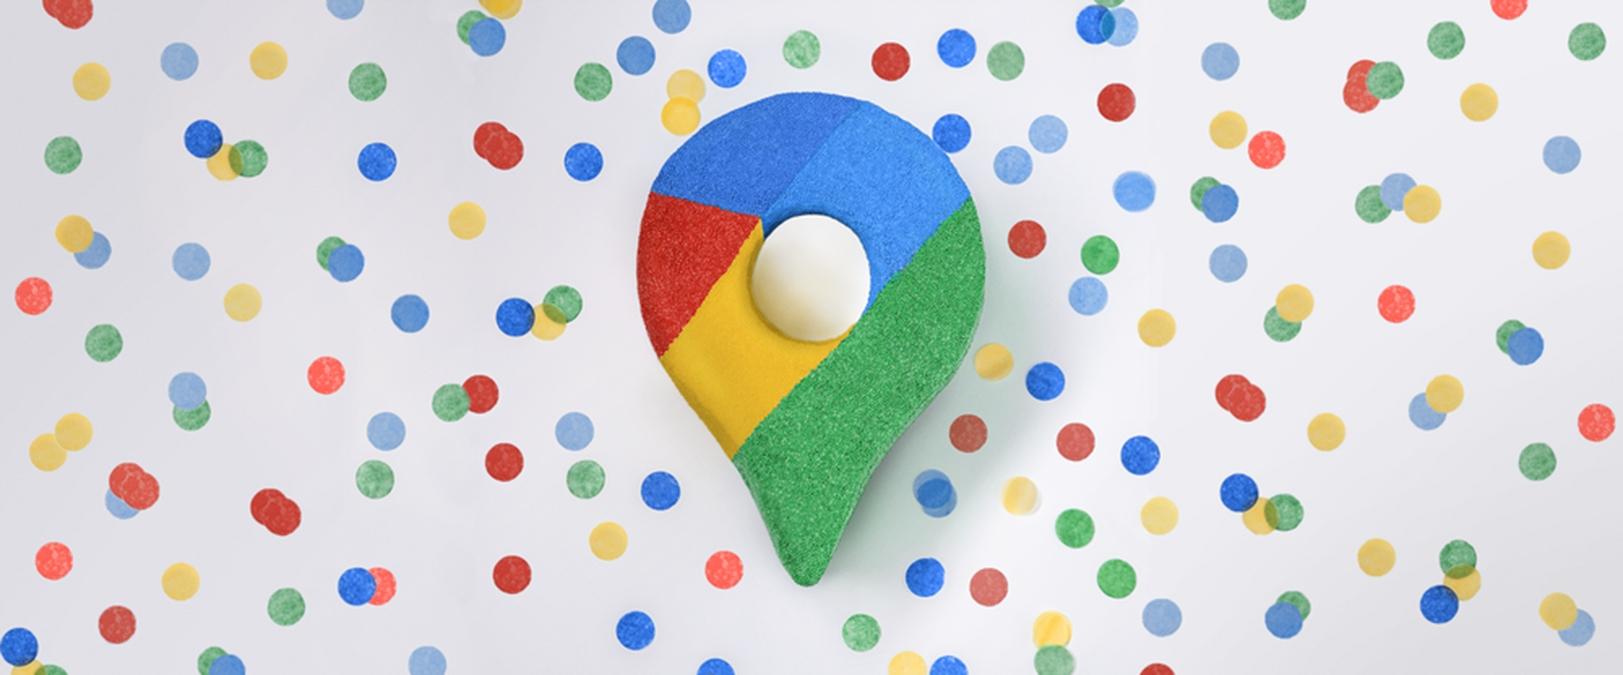 Google Mapy umožňují změnu šipky v navigaci